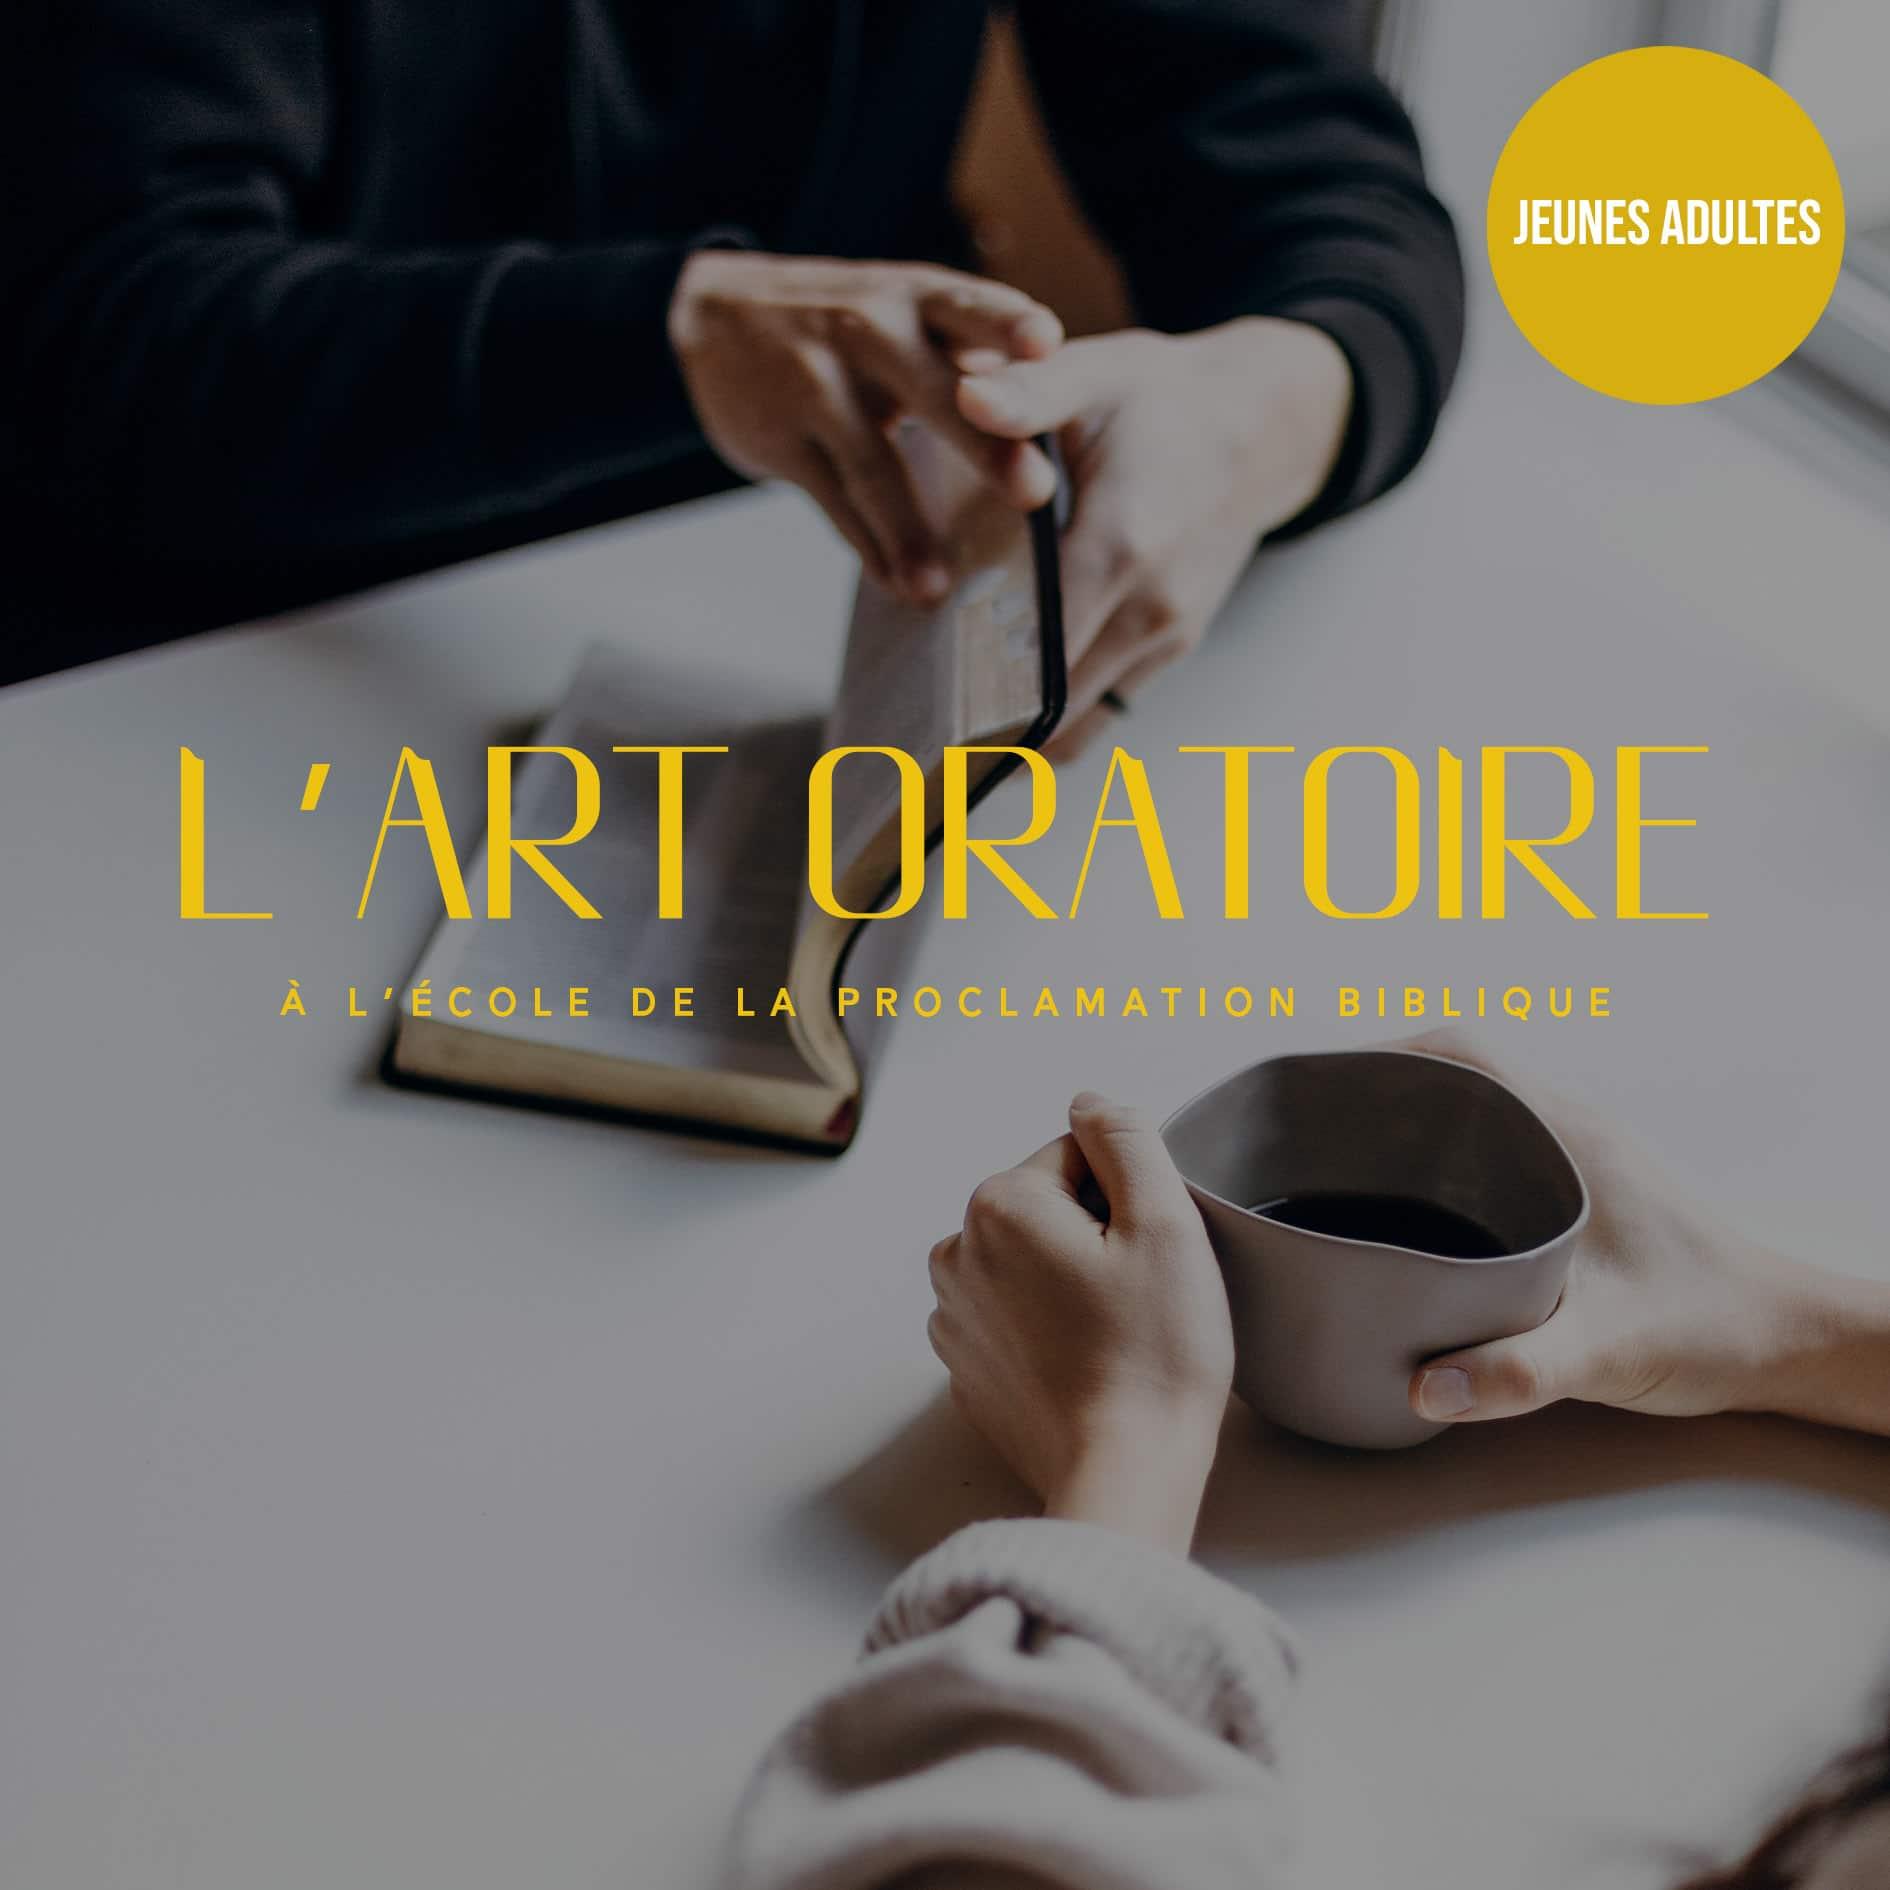 L'ART ORATOIRE, À L'ÉCOLE DE LA PROCLAMATION BIBLIQUE